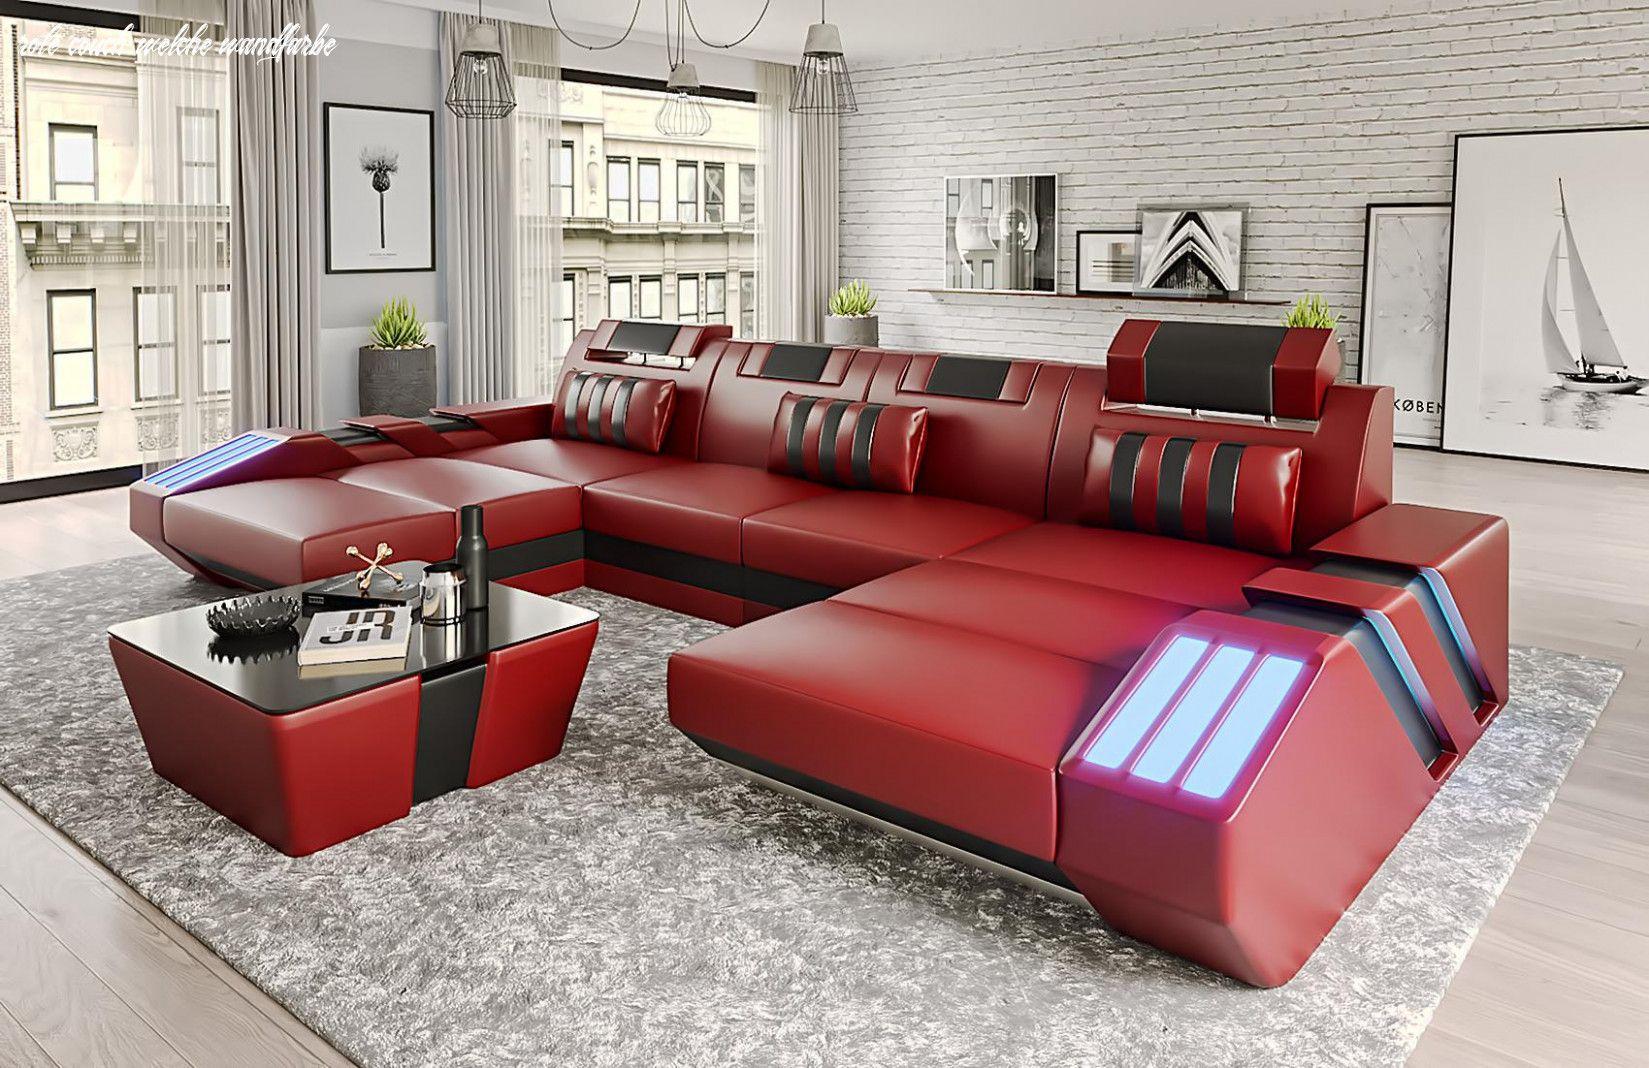 Beseitigen Sie Ihre Ängste Und Zweifel An Rote Couch Welche